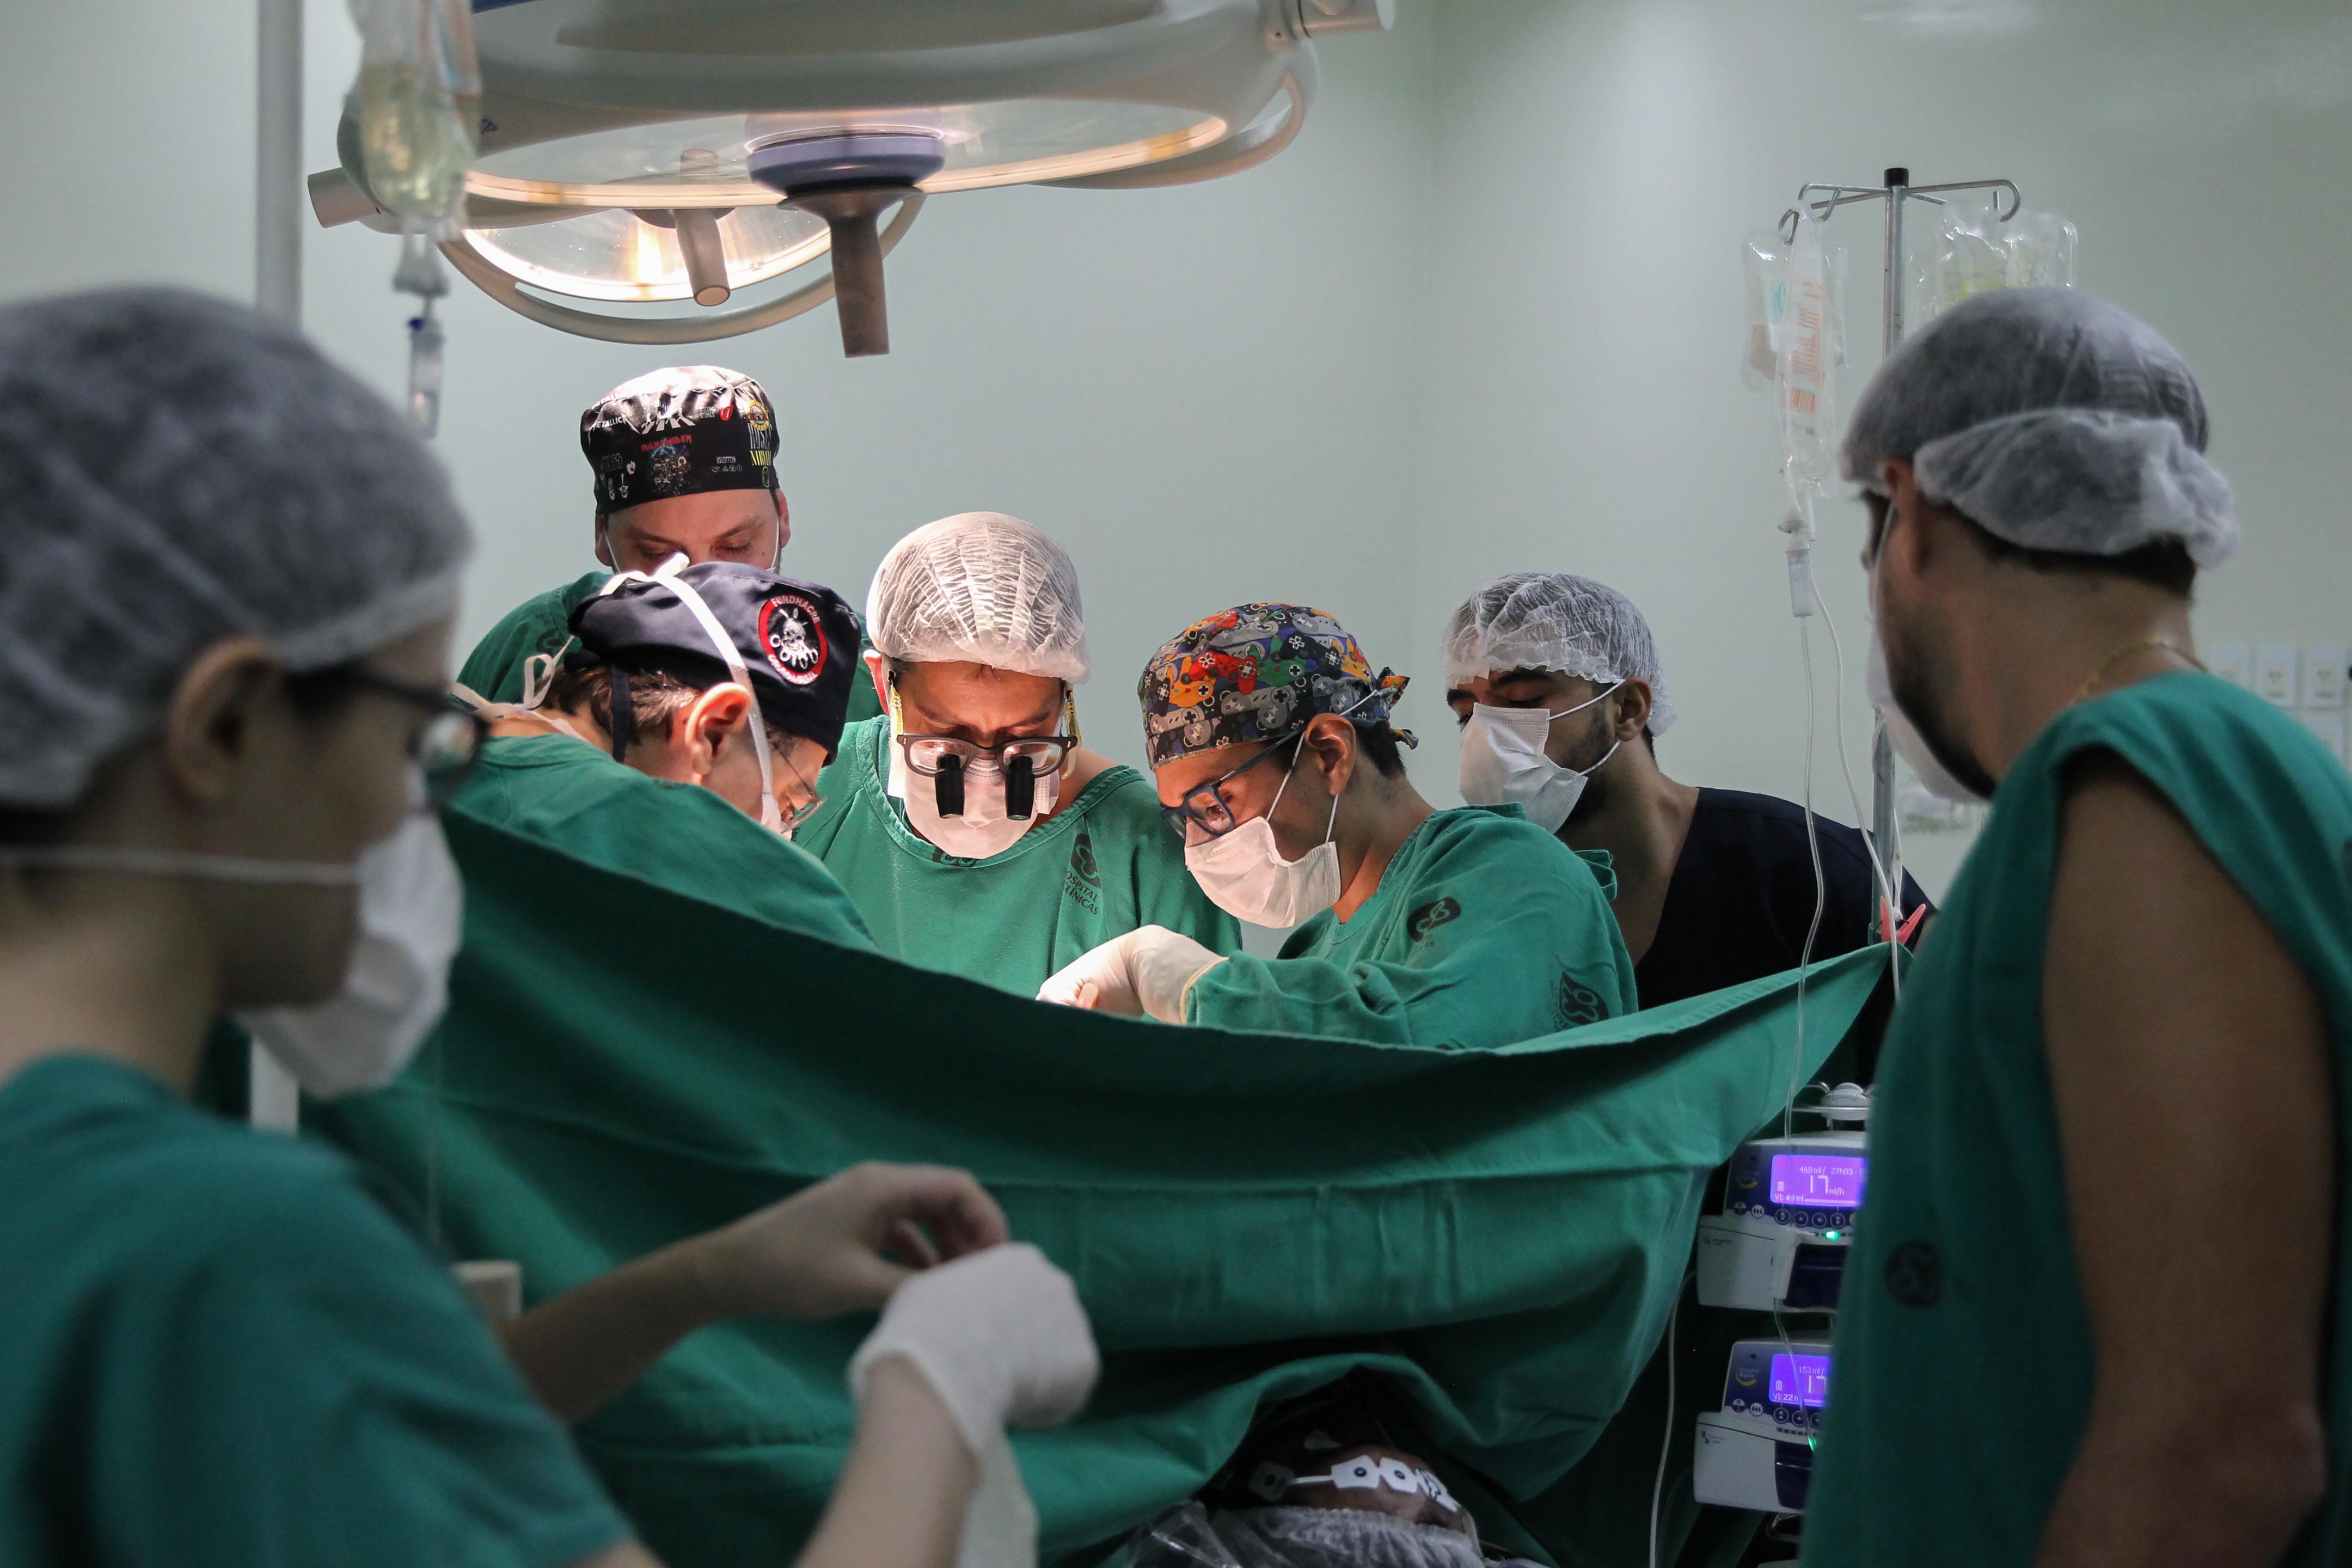 Fundação Hospitalar do Acre já realizou 25 transplantes bem-sucedidos em 2019